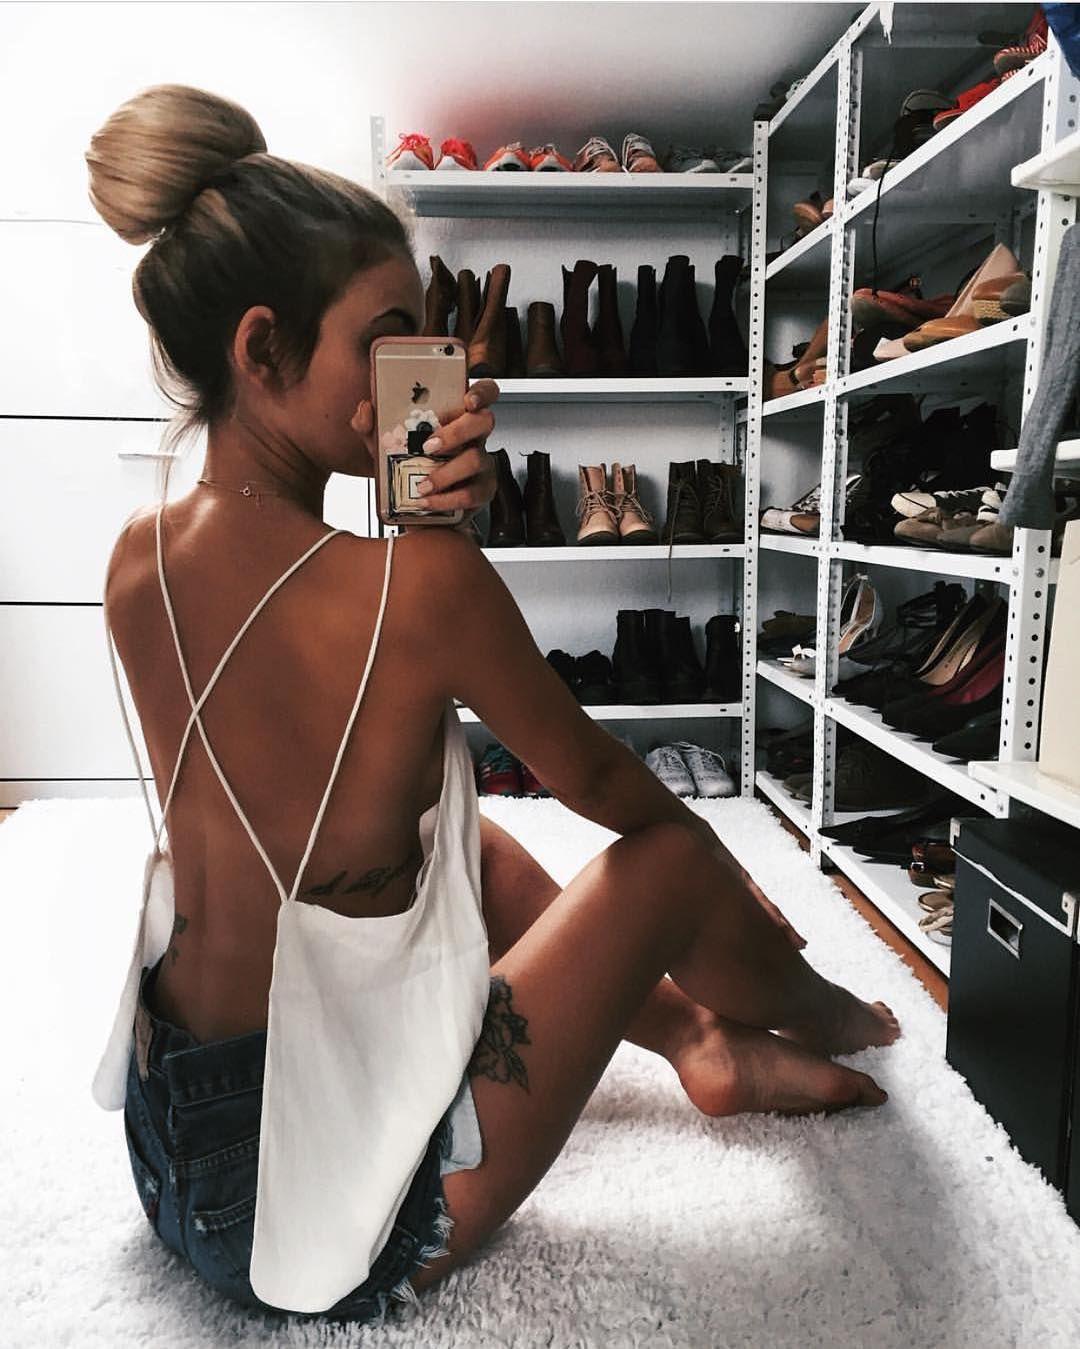 Freak Fashion™ (freak__fashion) • Fotos e vídeos do